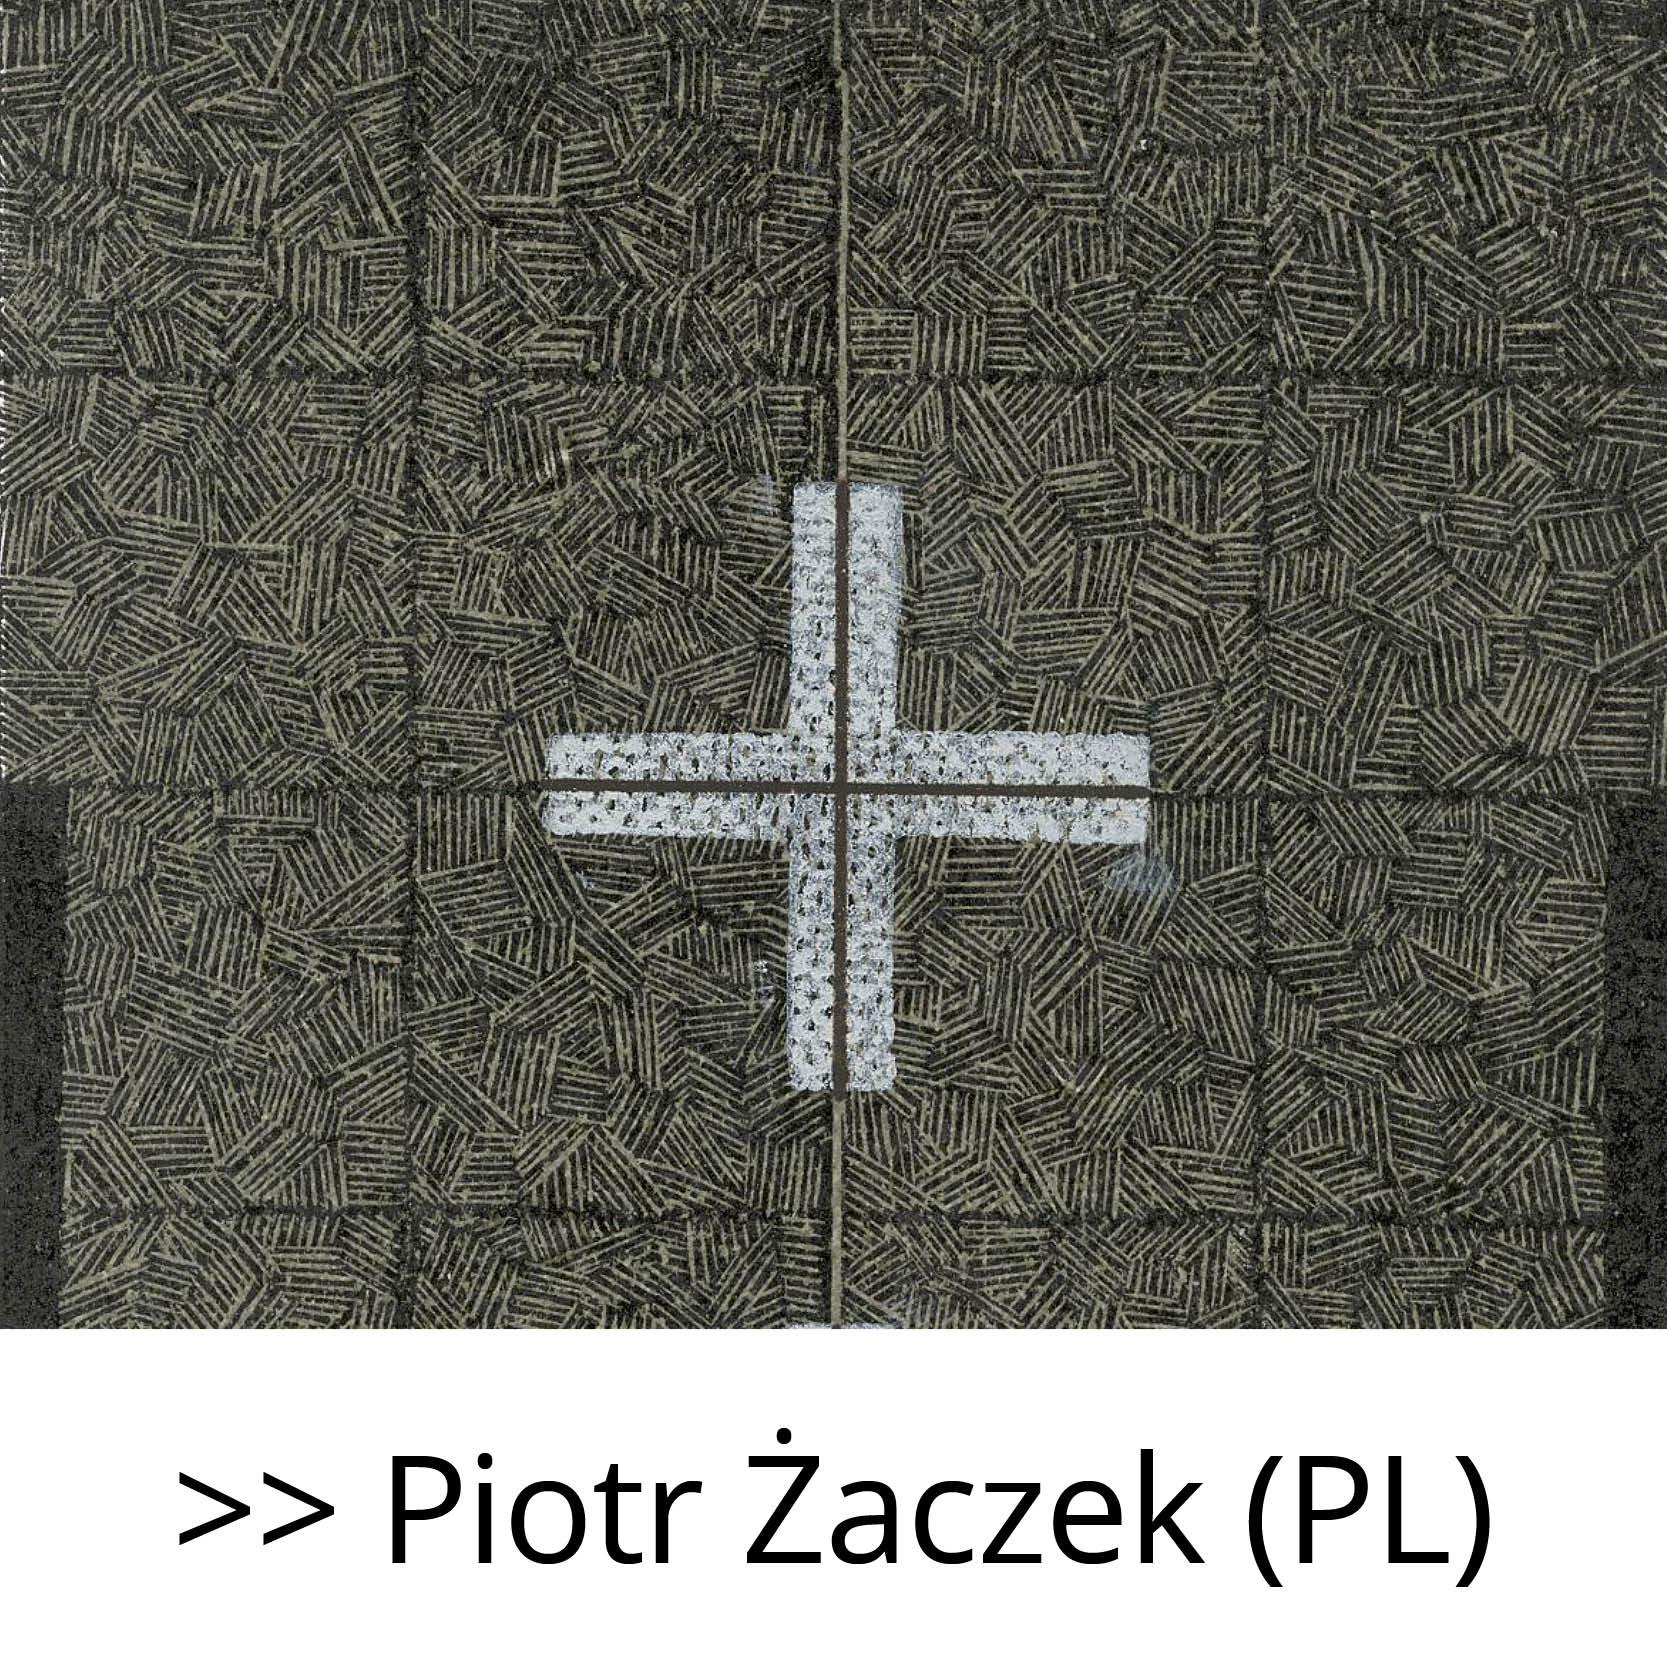 Piotr_Żaczek_(PL)